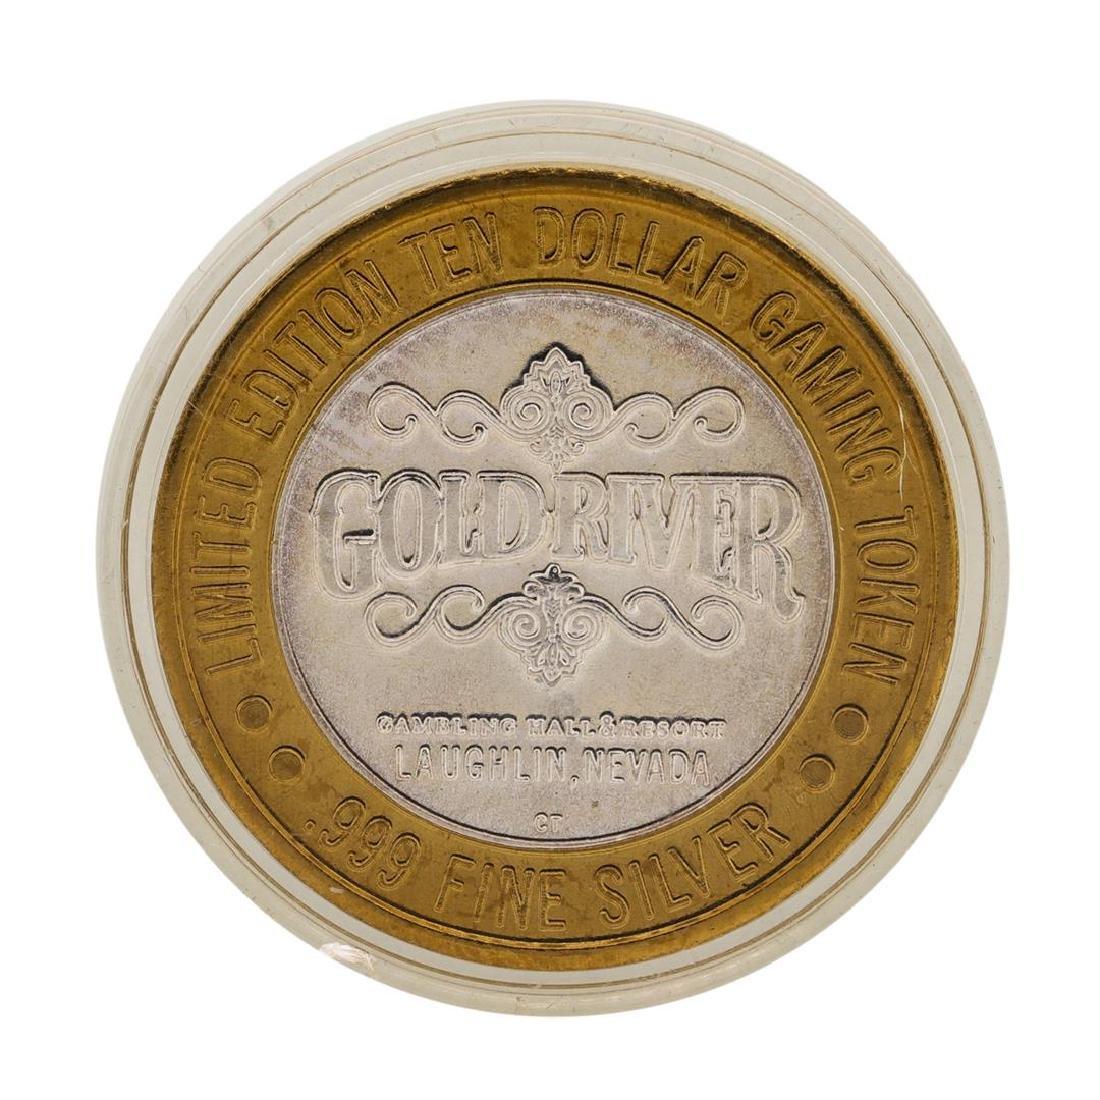 .999 Silver Gold River Laughlin, Nevada $10 Casino - 2